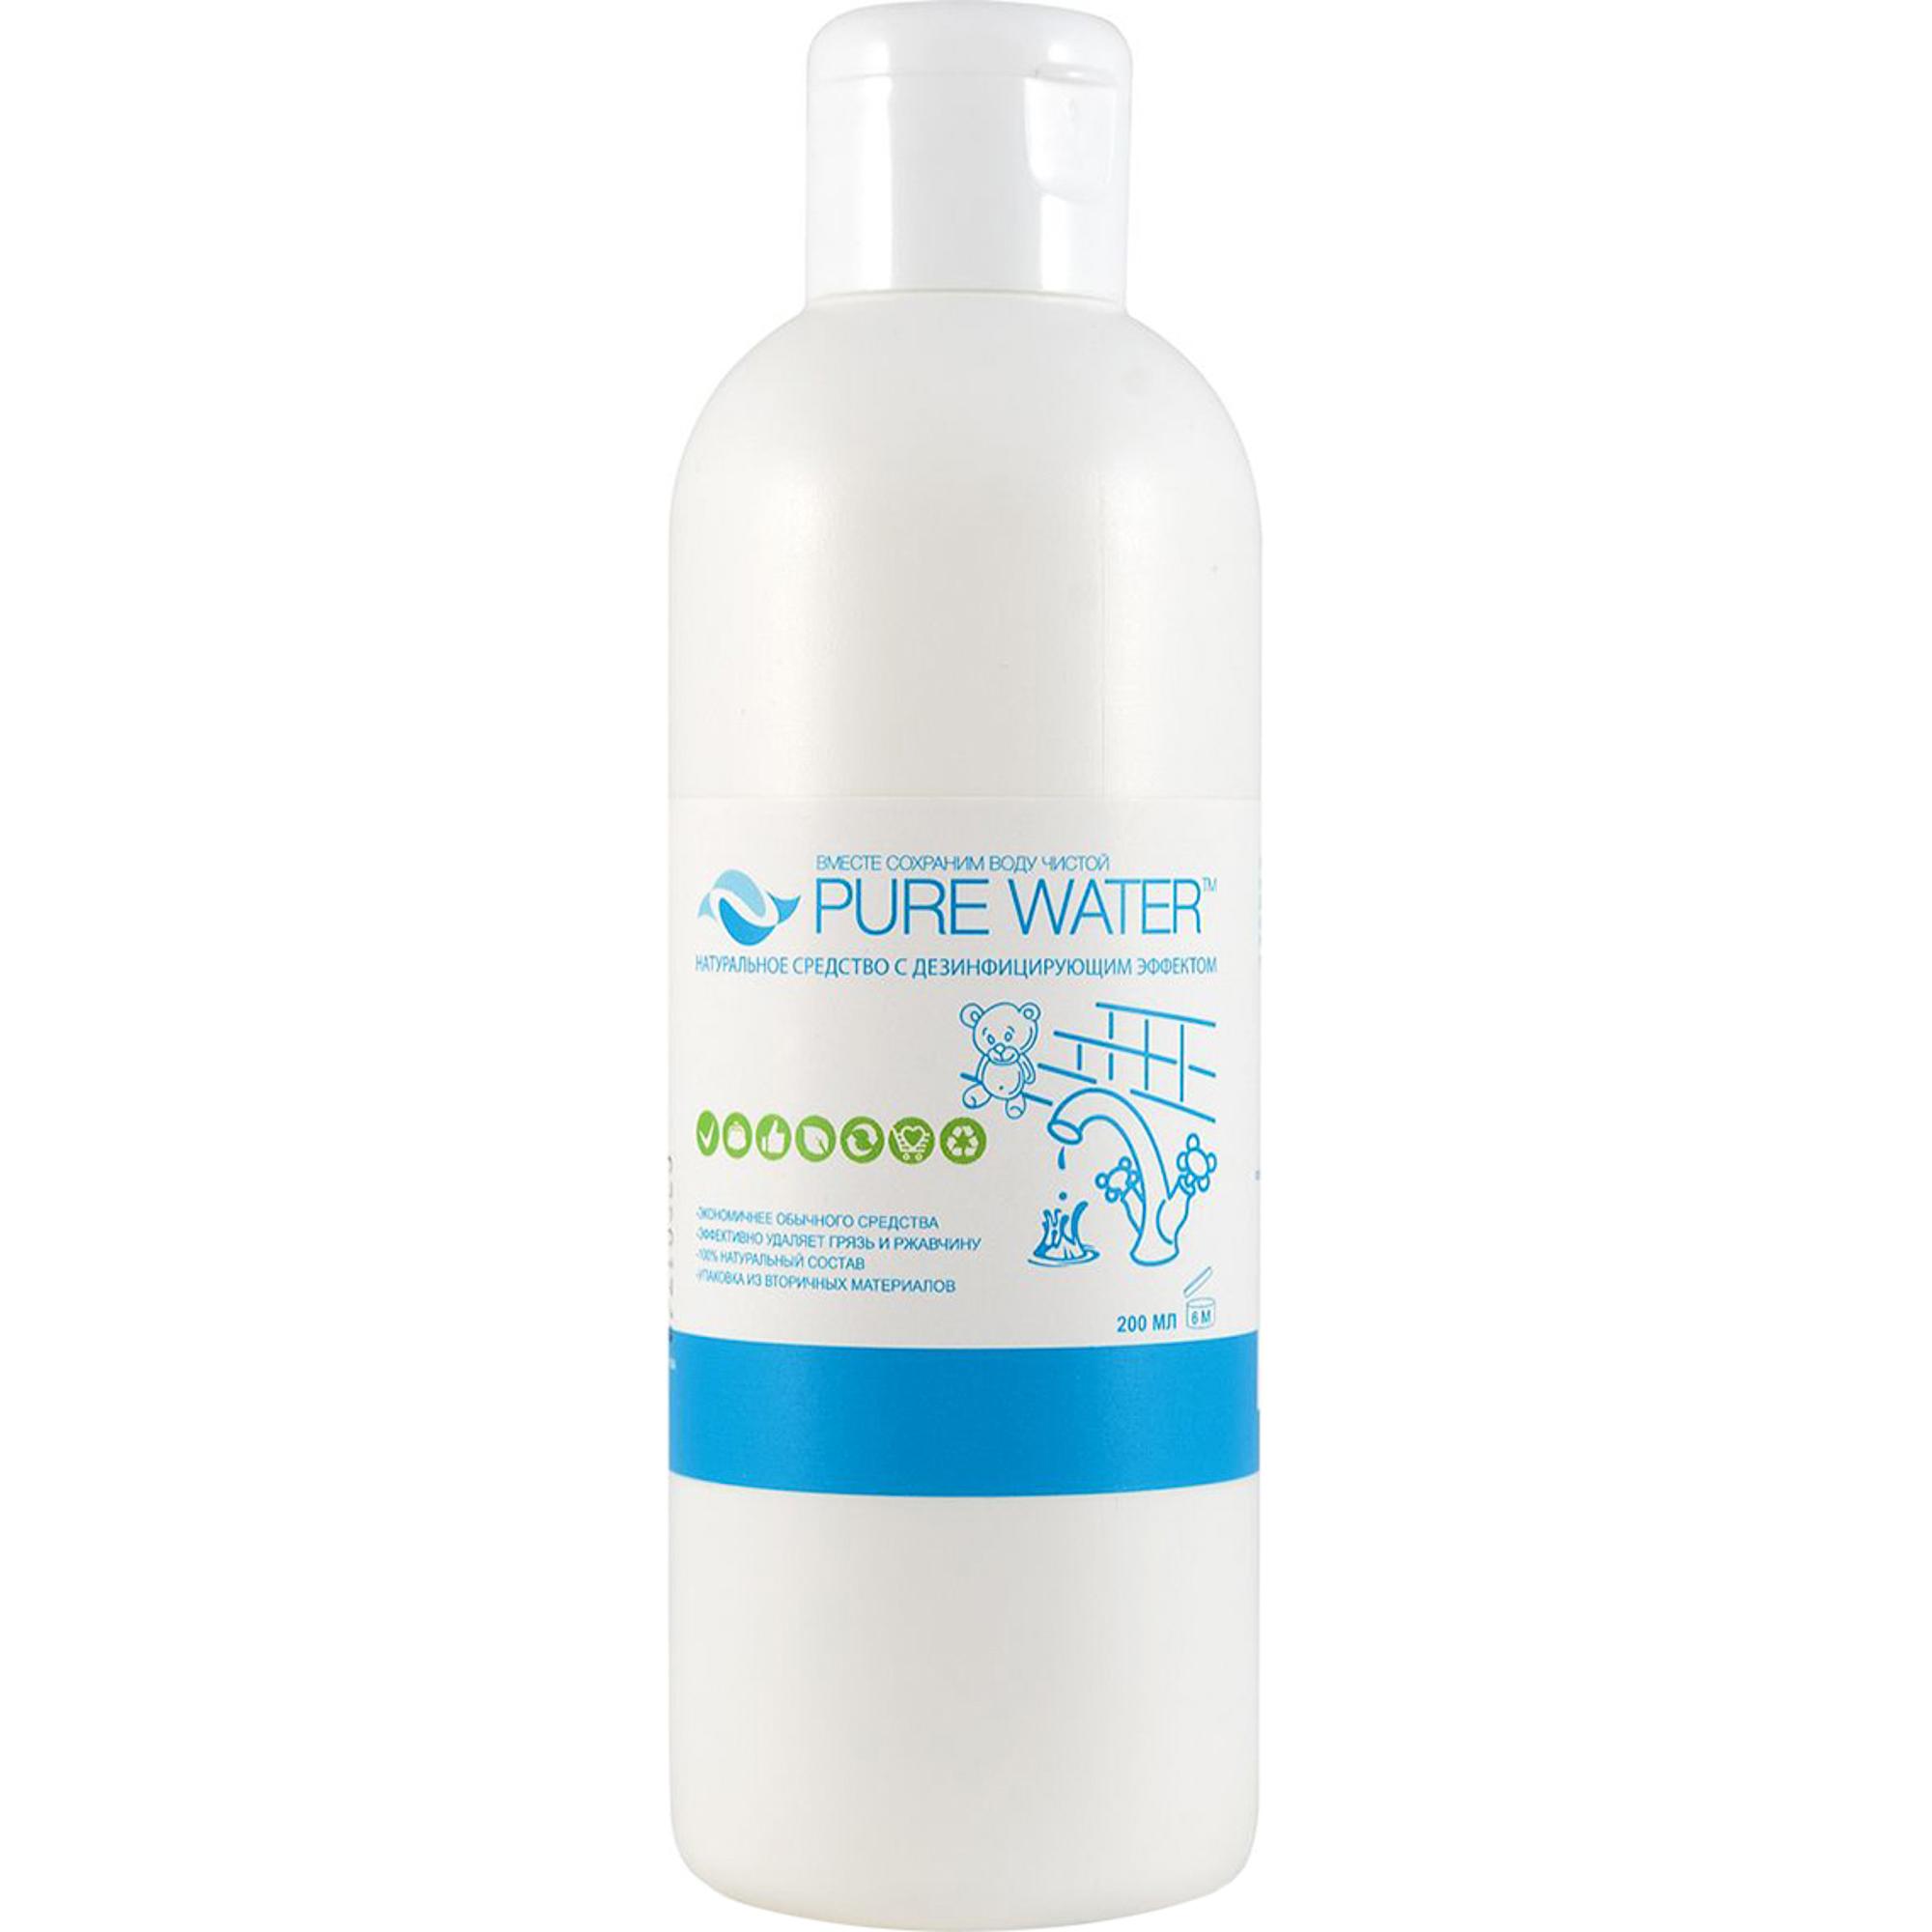 Средство для дезинфекции Pure Water натуральное 200 мл.